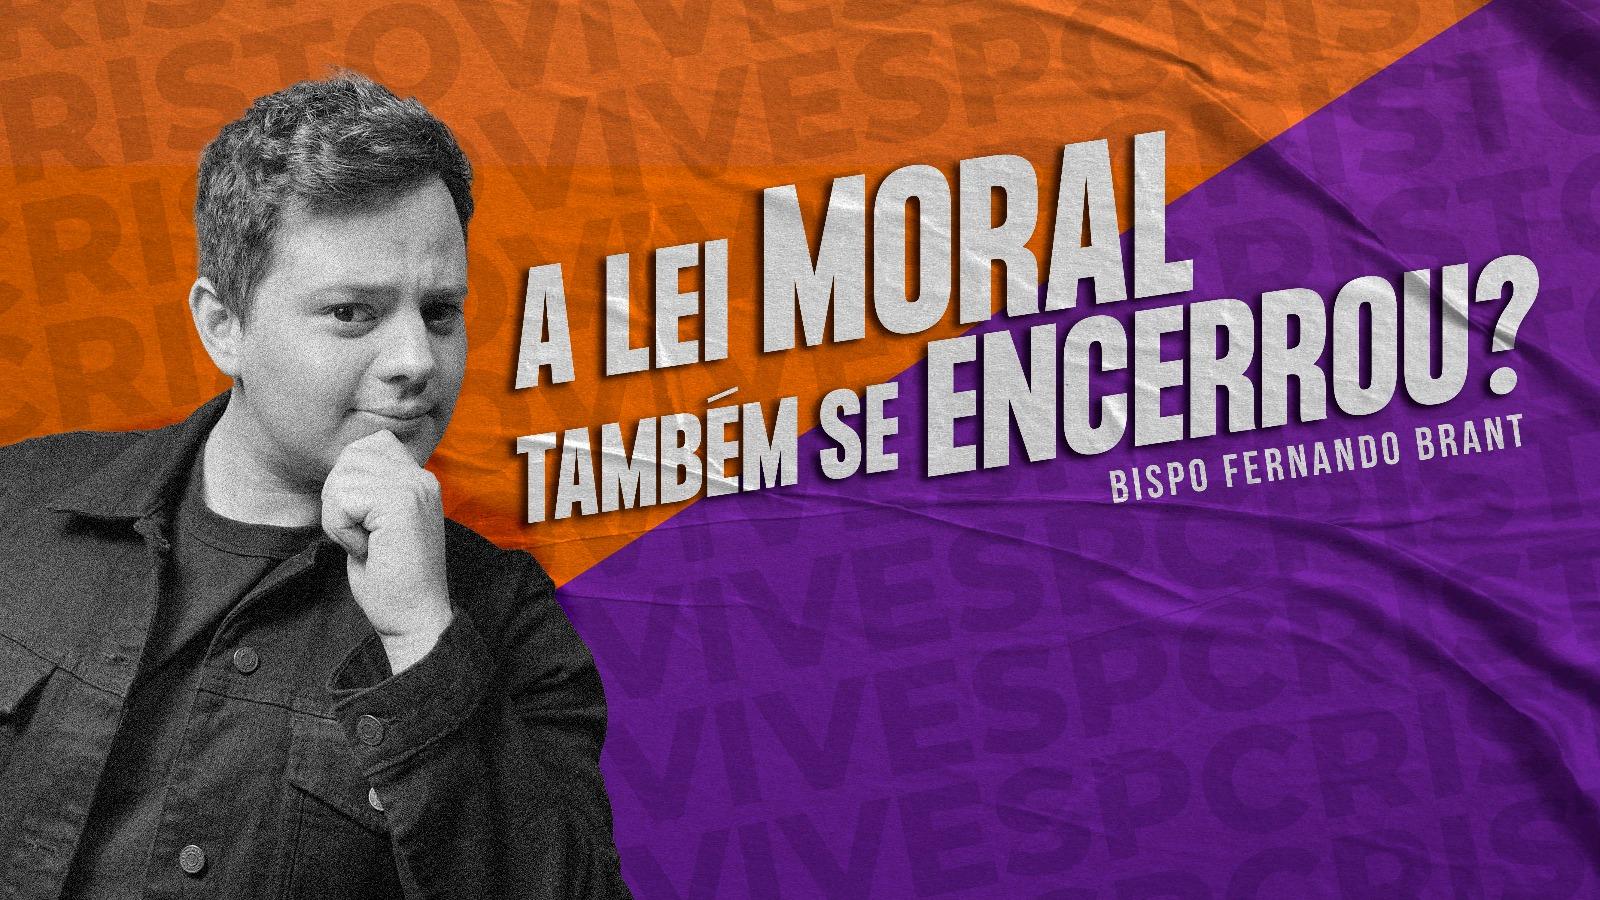 A LEI MORAL TAMBÉM SE ENCERROU? // 07/10/2021 // Nº 3715